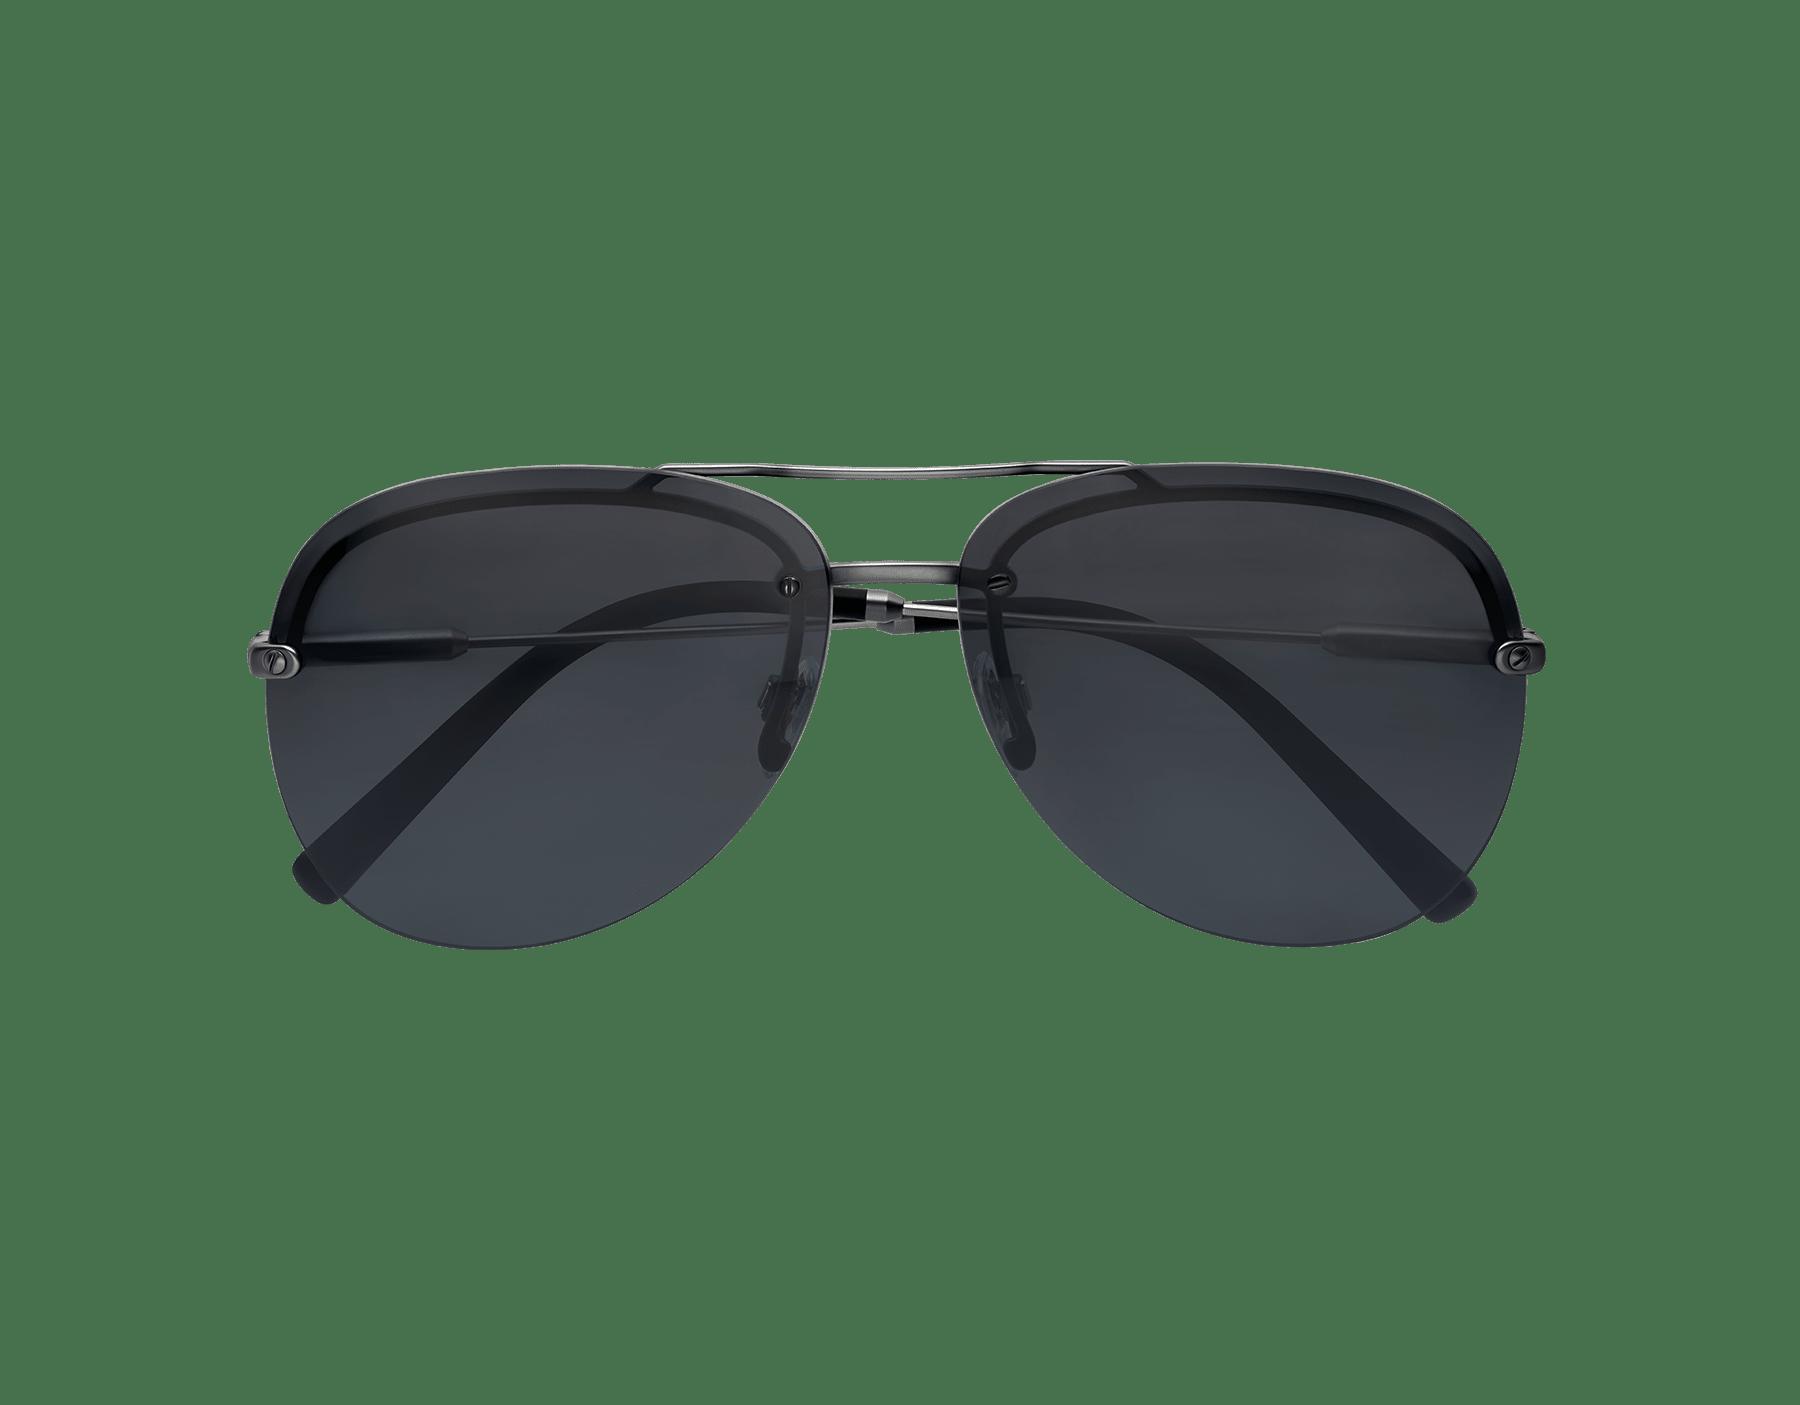 BVLGARI BVLGARI semi-rimless aviator sunglasses. 903412 image 4